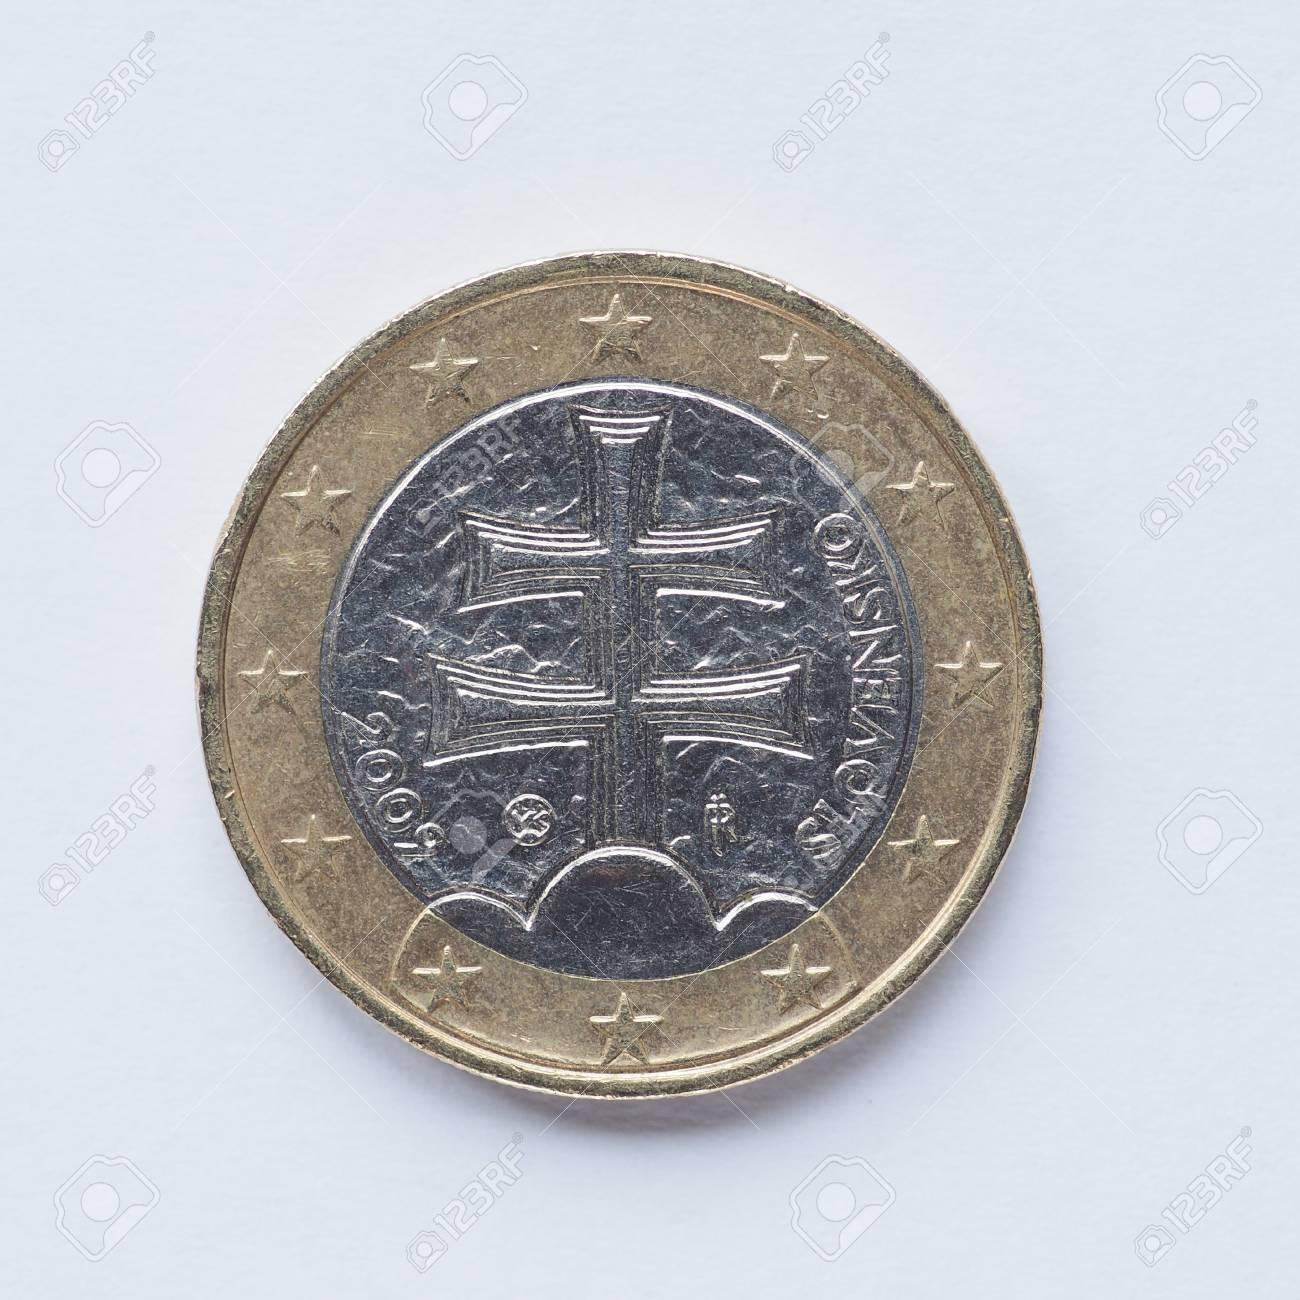 Währung Von Europa 1 Euro Münze Aus Slowenien Lizenzfreie Fotos